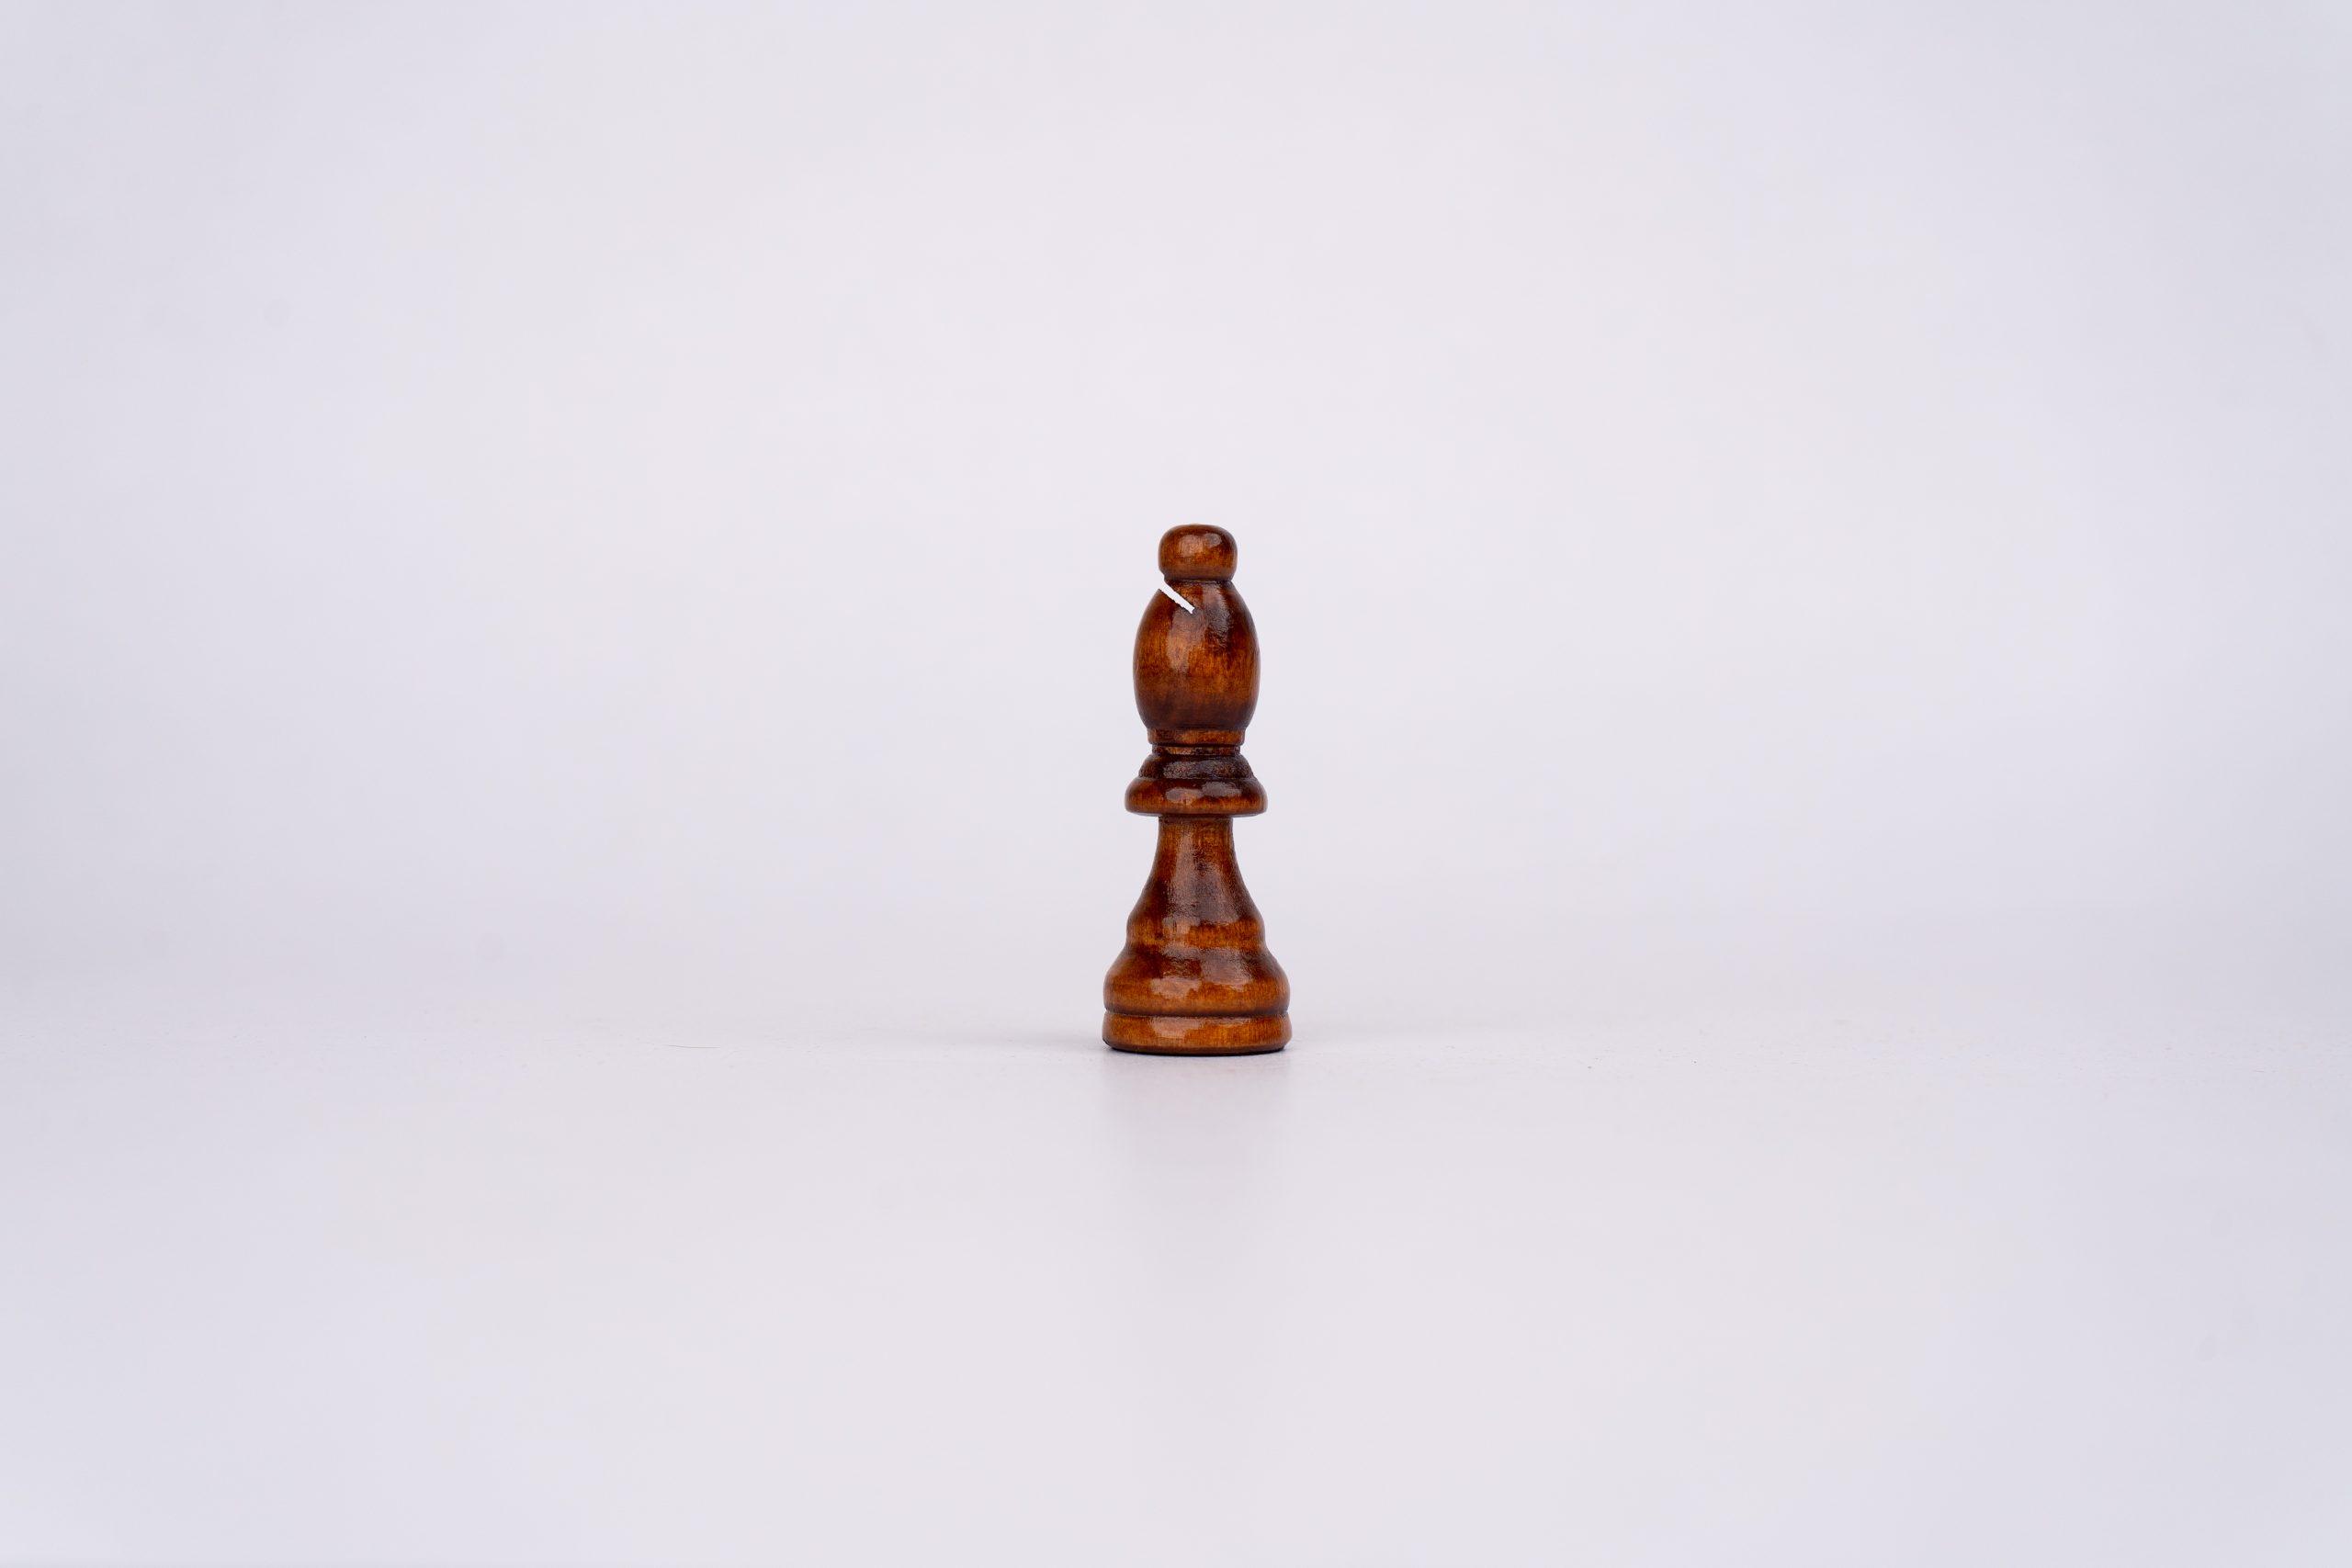 One bishop chess piece